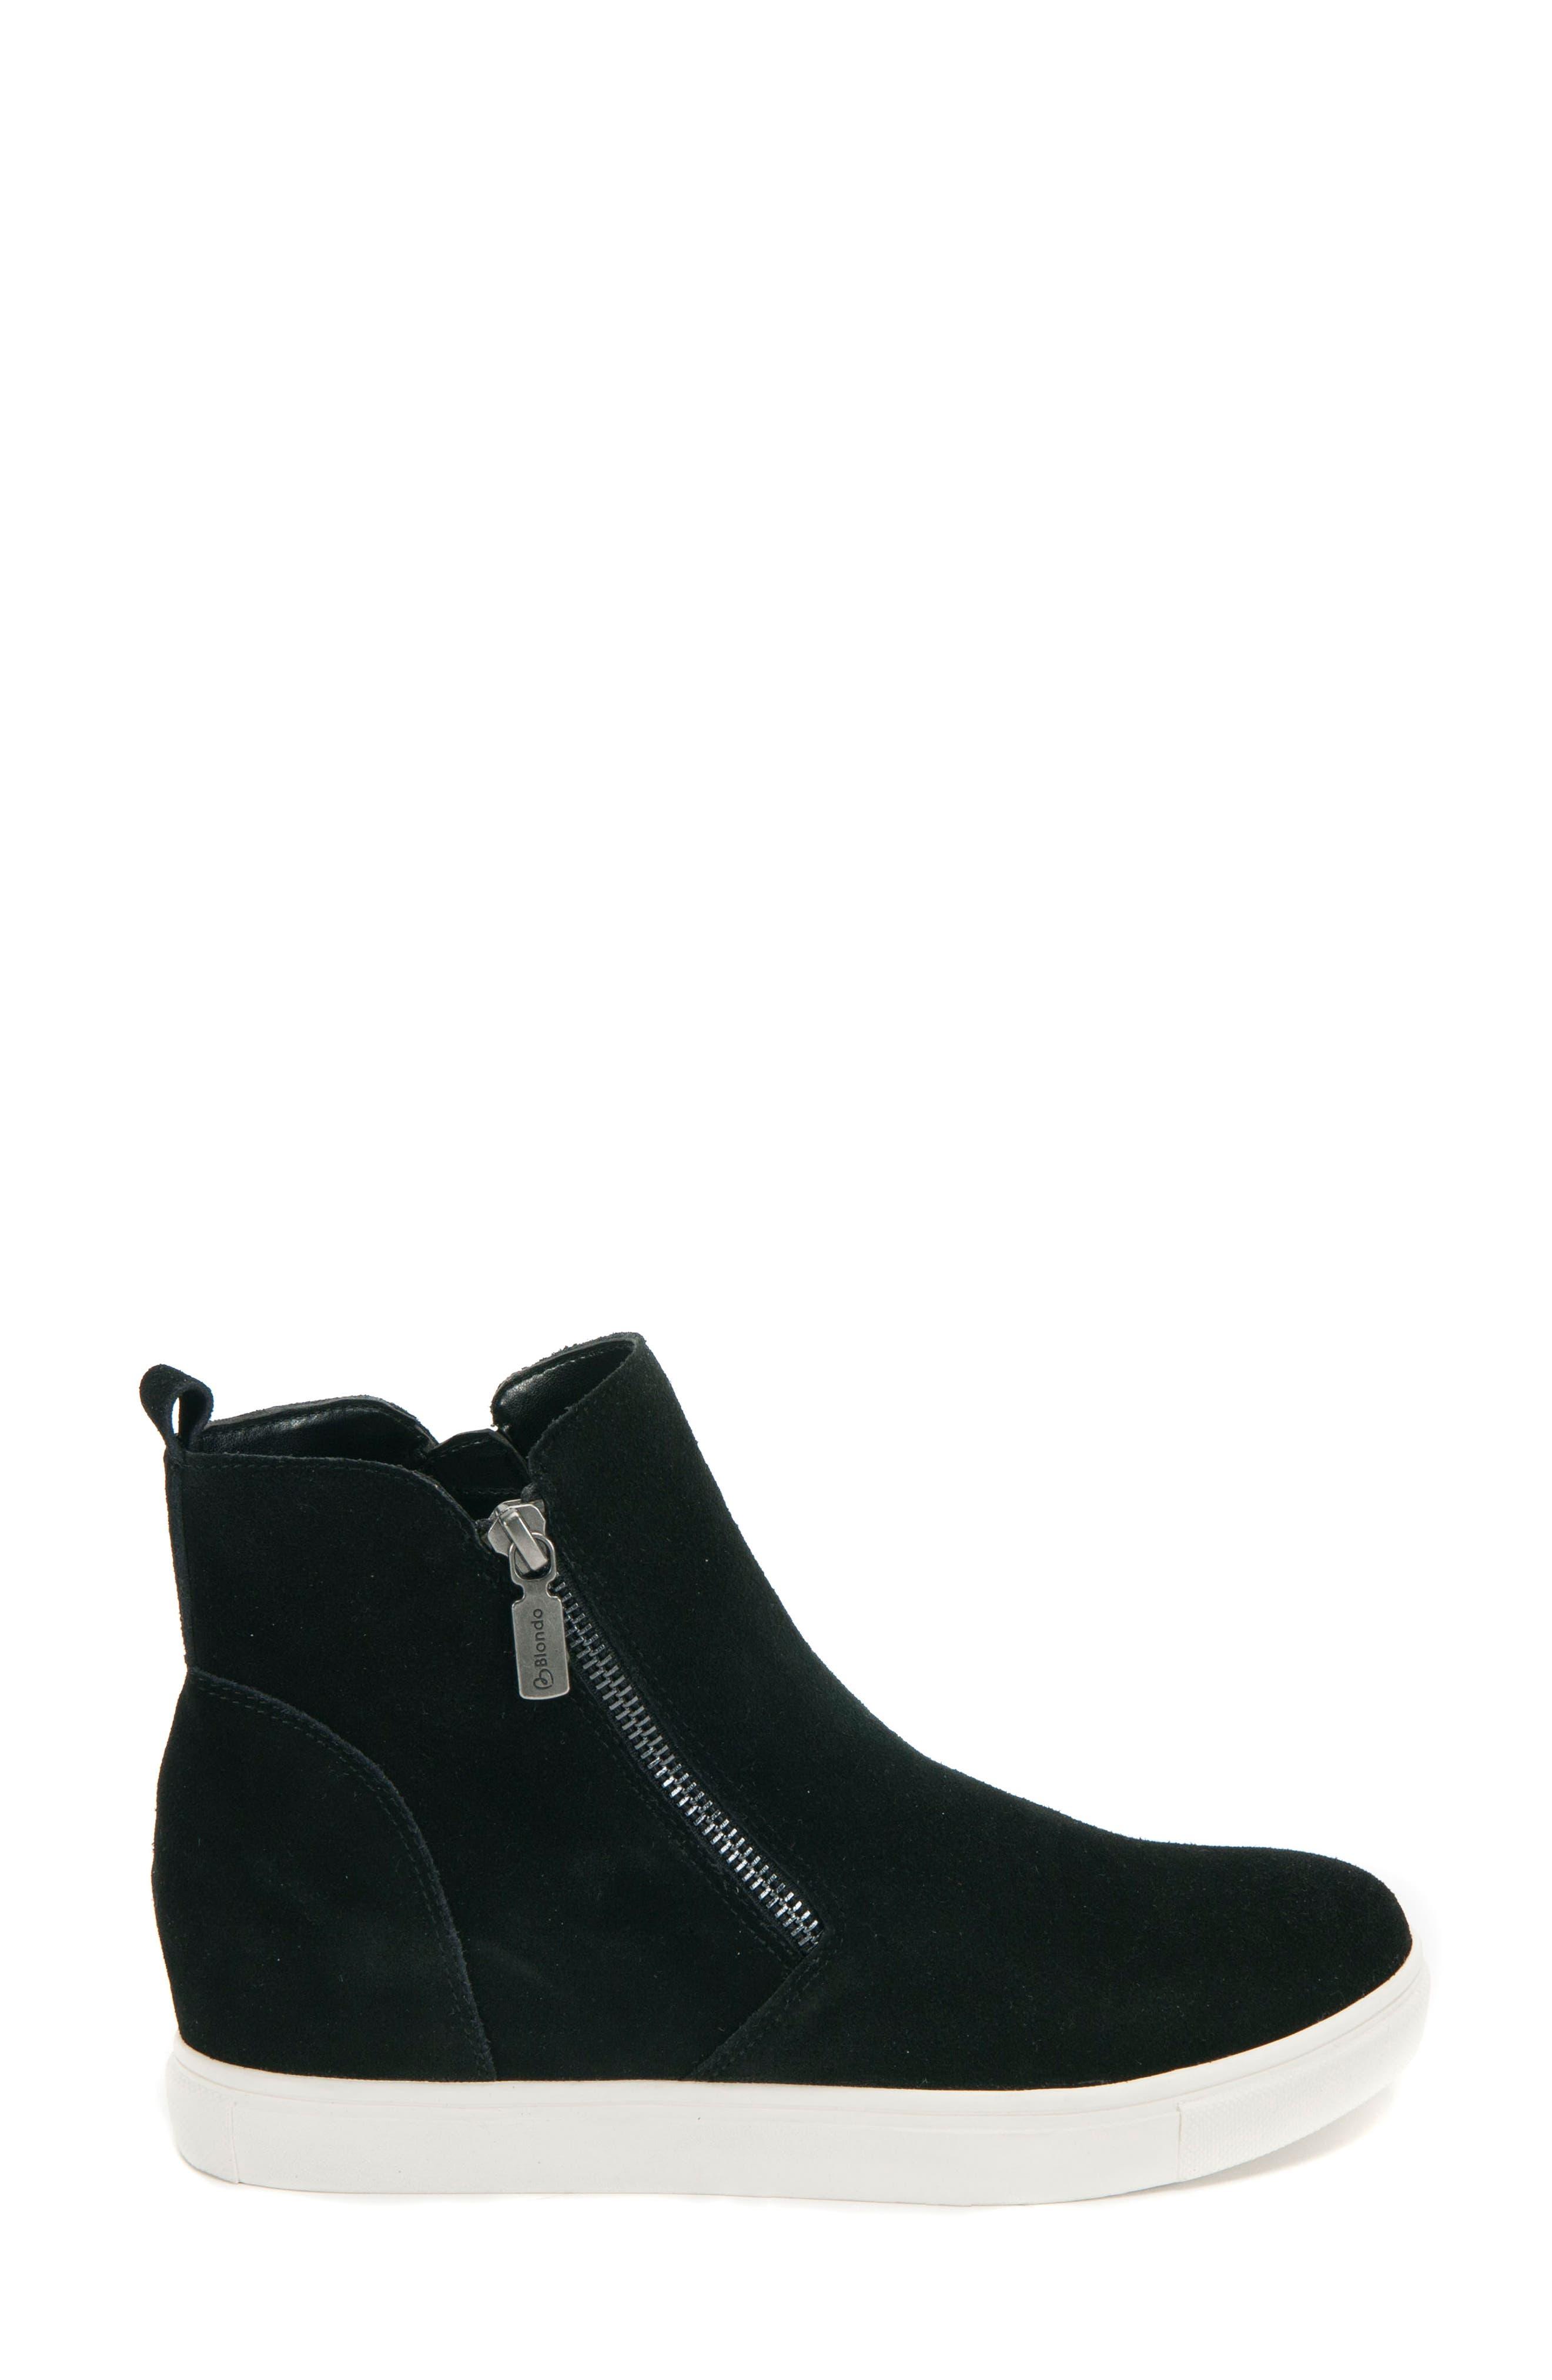 BLONDO, Giselle Waterproof Sneaker, Alternate thumbnail 3, color, BLACK SUEDE